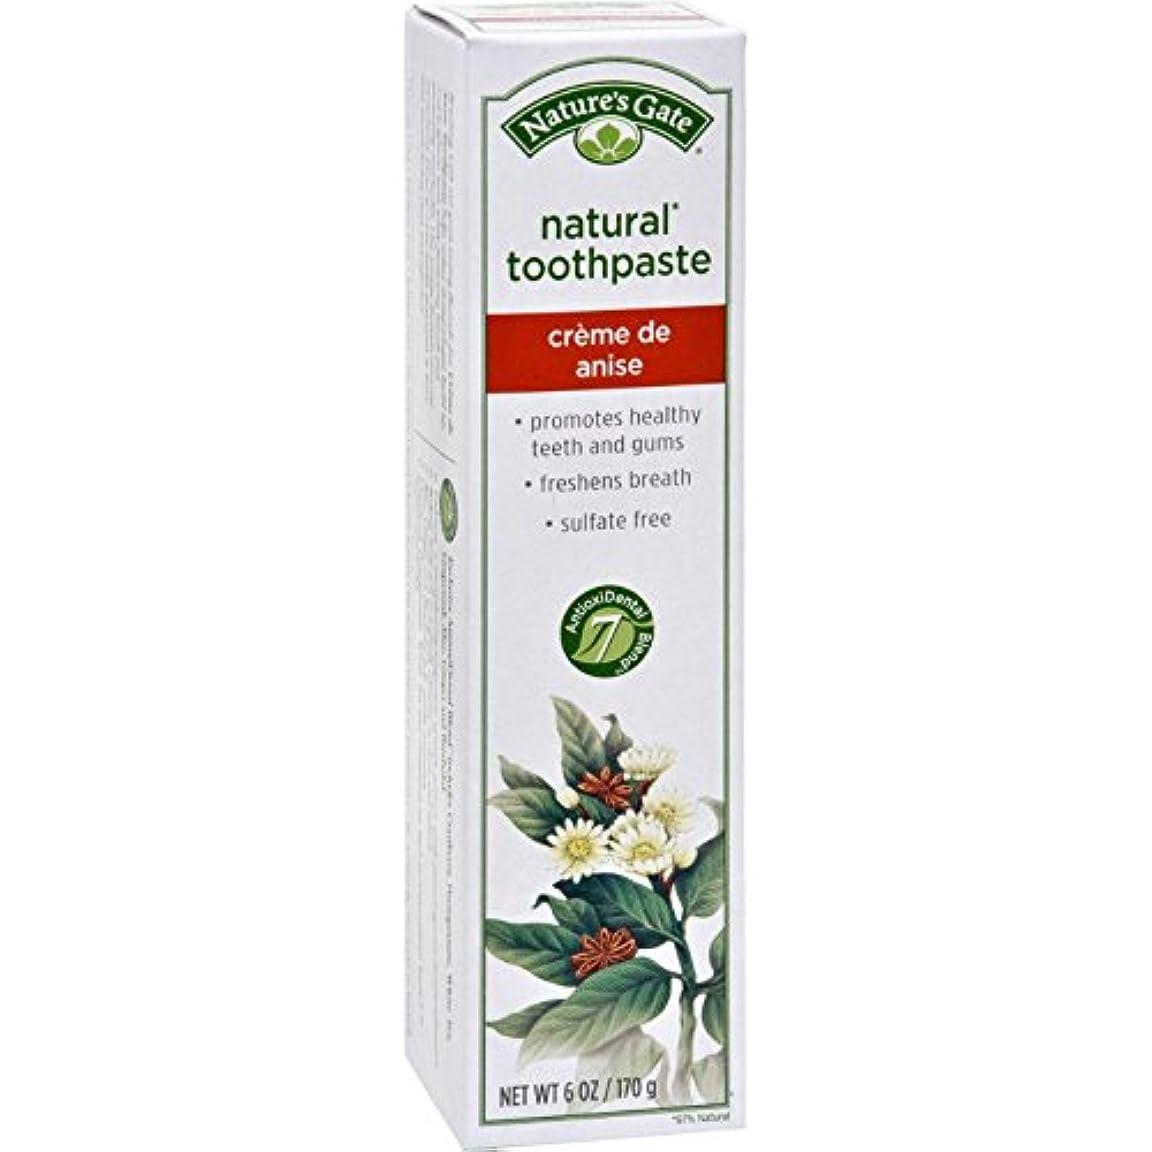 結紮保護するシーボード海外直送品Toothpaste Creme De, Anise 6 Oz by Nature's Gate